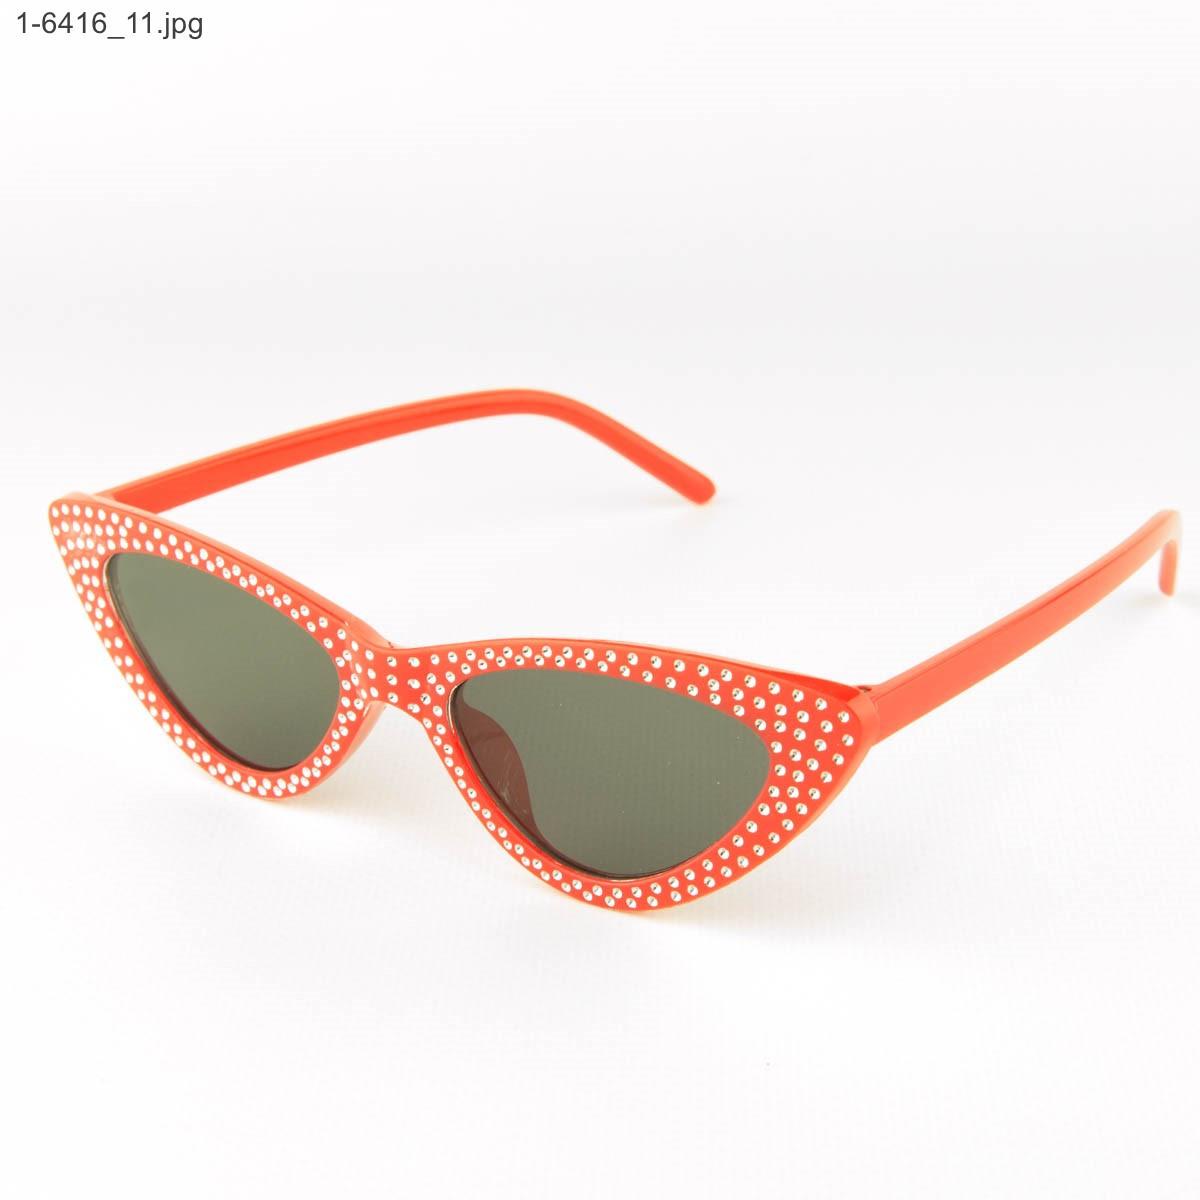 Женские очки кошачий глаз - Красные с черными линзами - 1-6416, фото 1